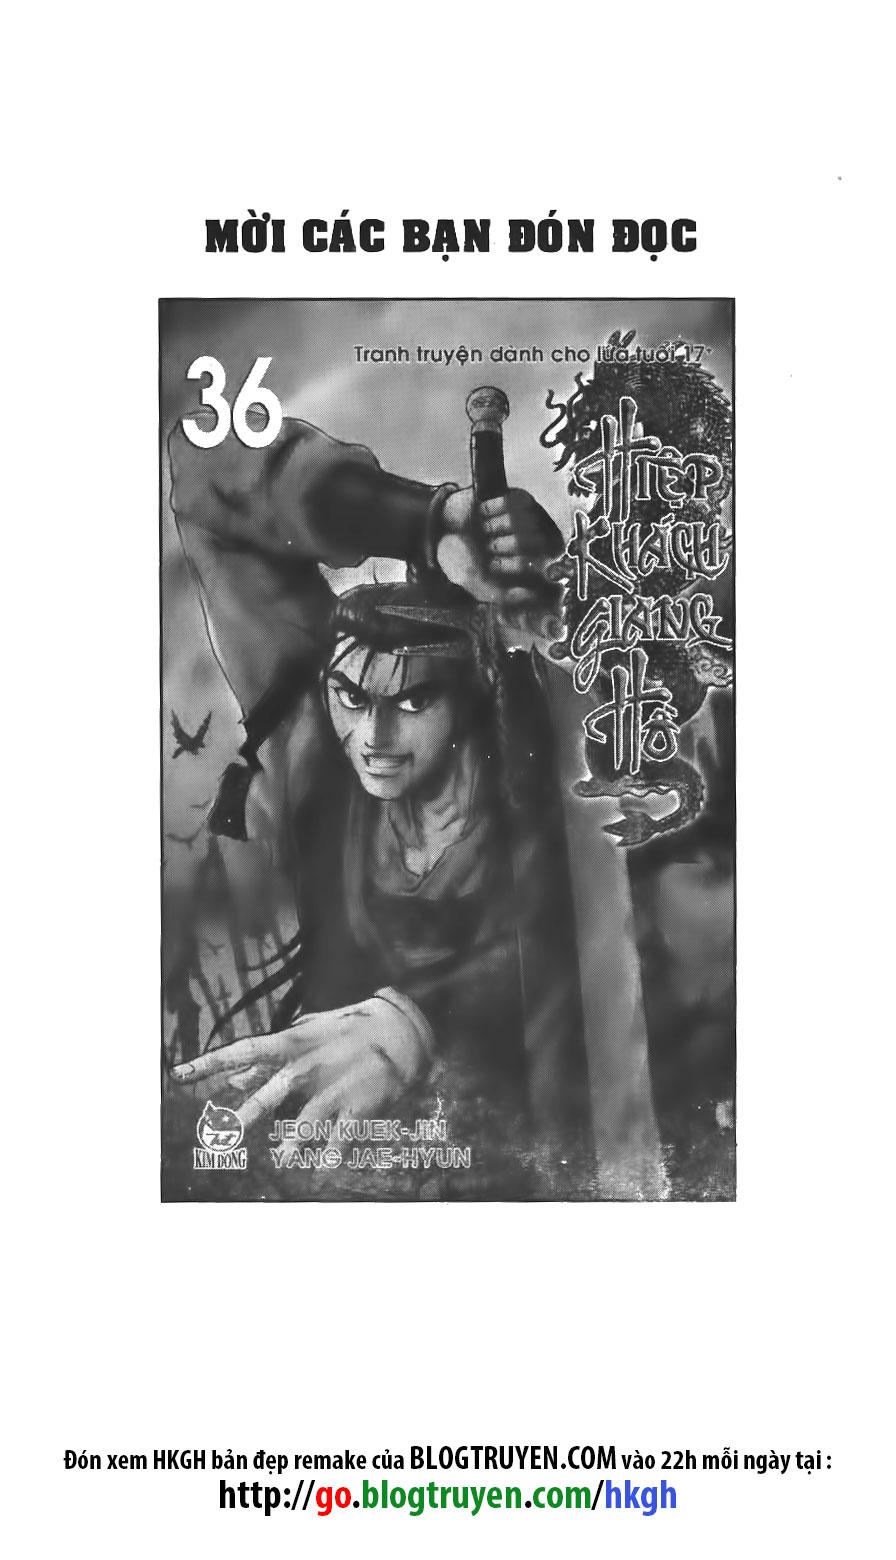 xem truyen moi - Hiệp Khách Giang Hồ Vol35 - Chap 242 - Remake